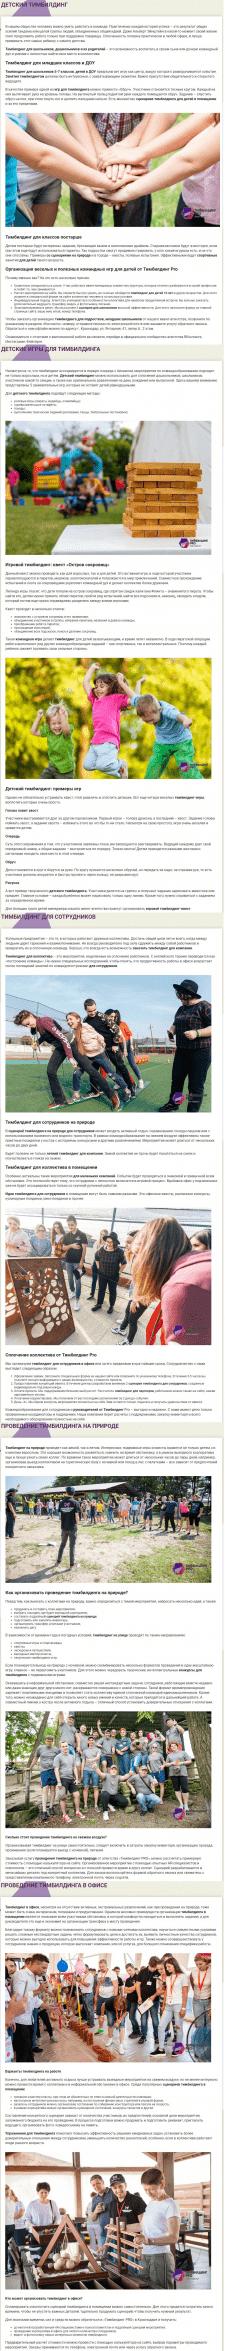 ДЕТСКИЕ/ИВЕНТ | Организация тимбилдингов